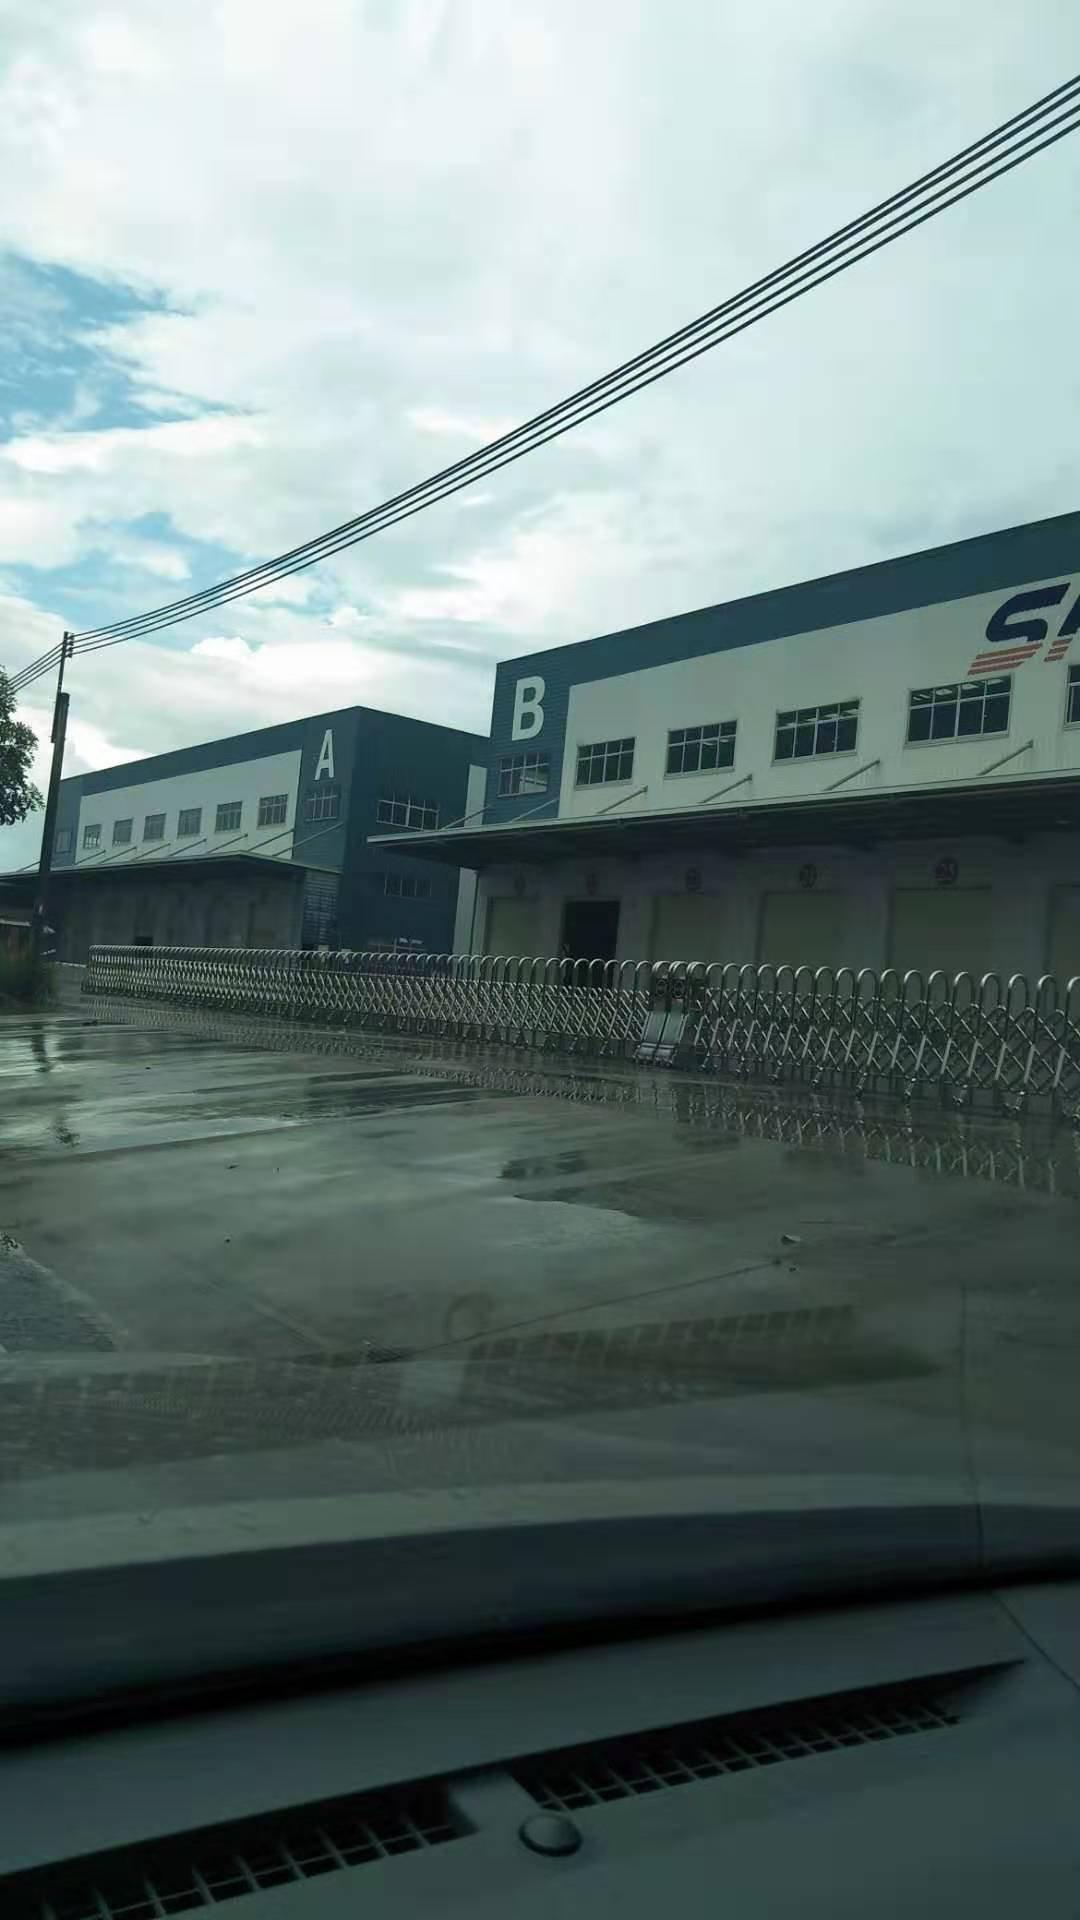 工业用地有消防和证。 正规保税仓。 租期灵活。